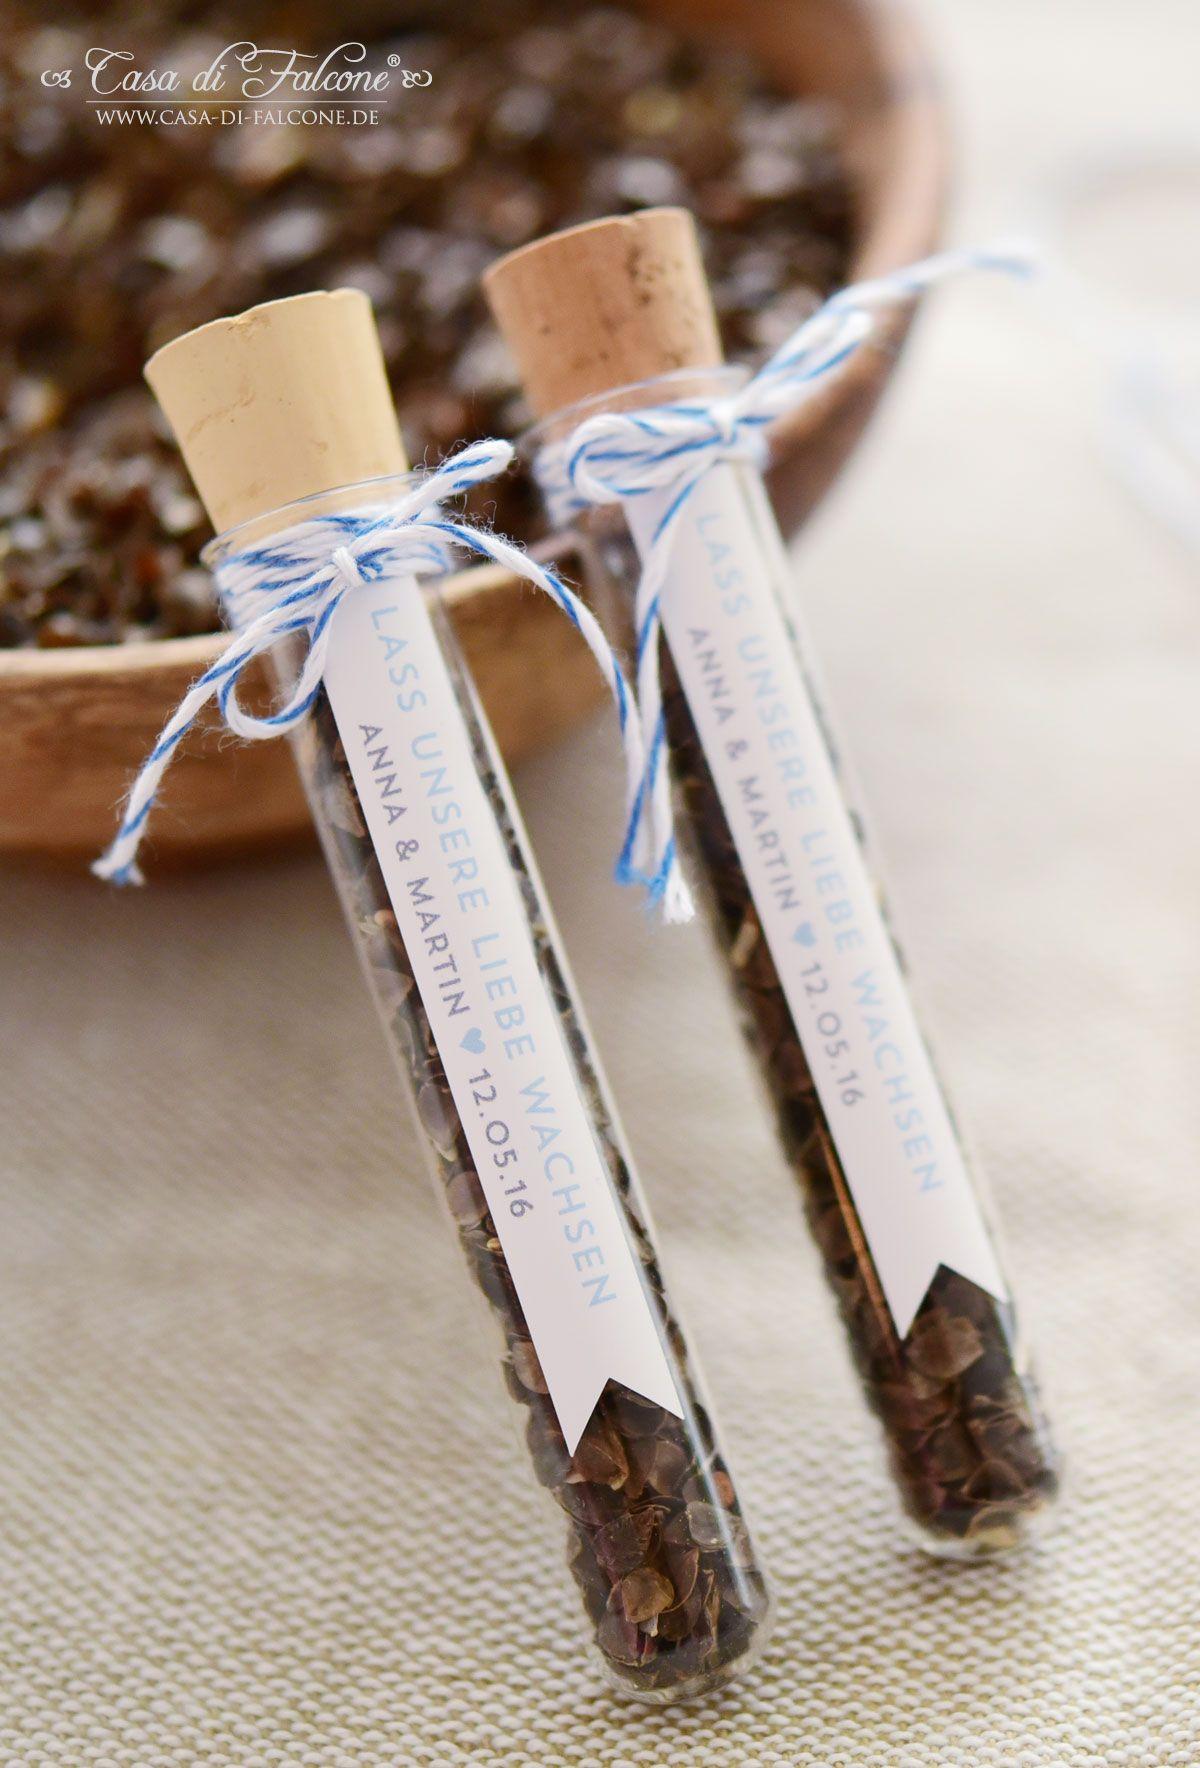 """Reagenzgläser sind eine wunderbare Verpackung für Blumensamen, Salze oder Zuckermischungen. Und die passenden Etiketten sind das i-Tüpfelchen für Ihre liebevollen Gastgeschenke! Die schmalen Hochzeitsaufkleber können mit Namen des Brautpaares, Datum und einem kurzen Spruch, z.B. """"Lass unsere Liebe wachsen"""" oder """"Wir sagen Danke"""" personalisiert werden."""